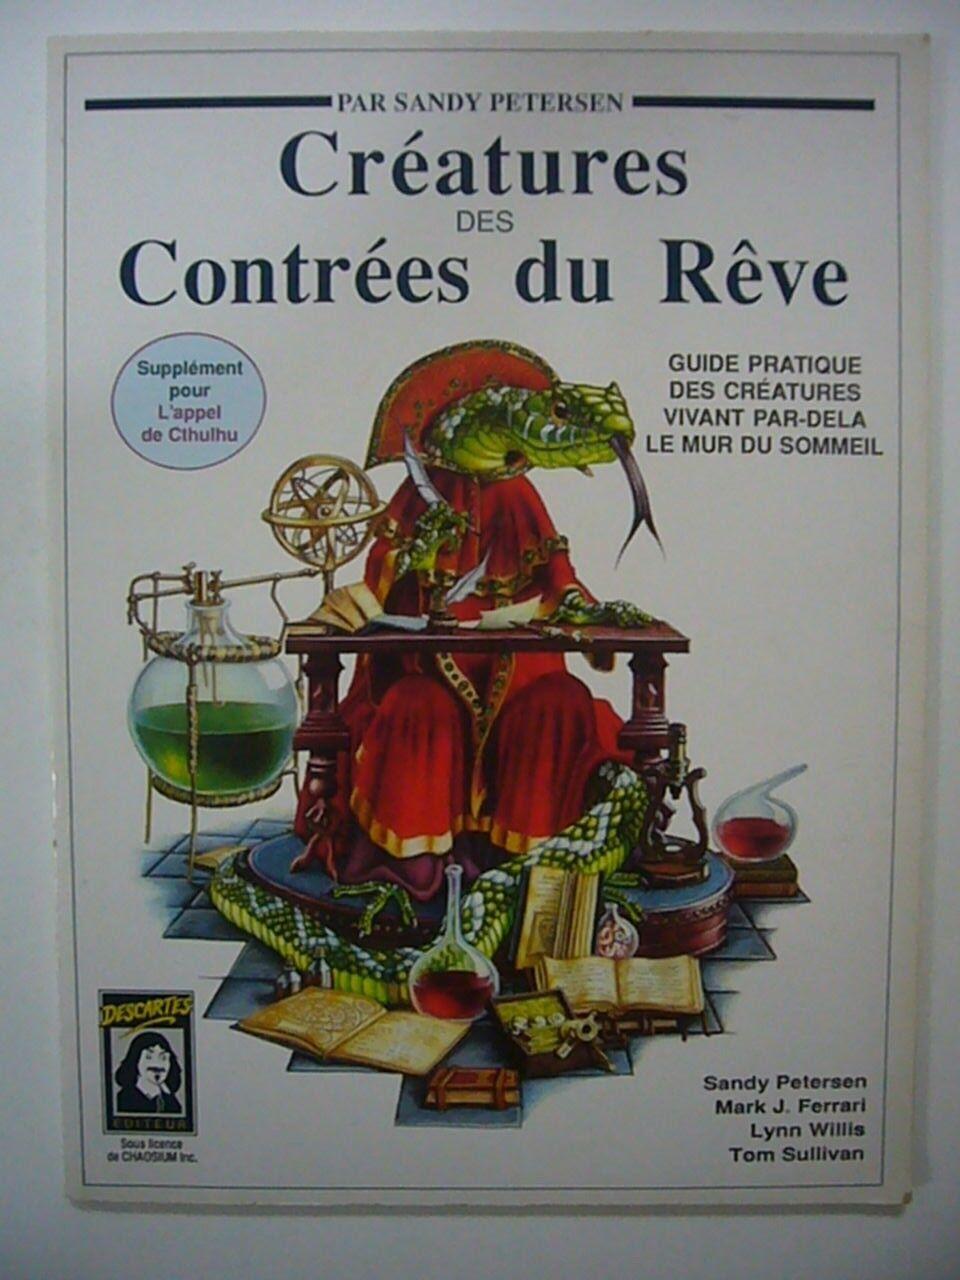 SANDY PETERSEN - CREATURES DES CONTREES DU REVE (D'APRES LOVECRAFT) TBE